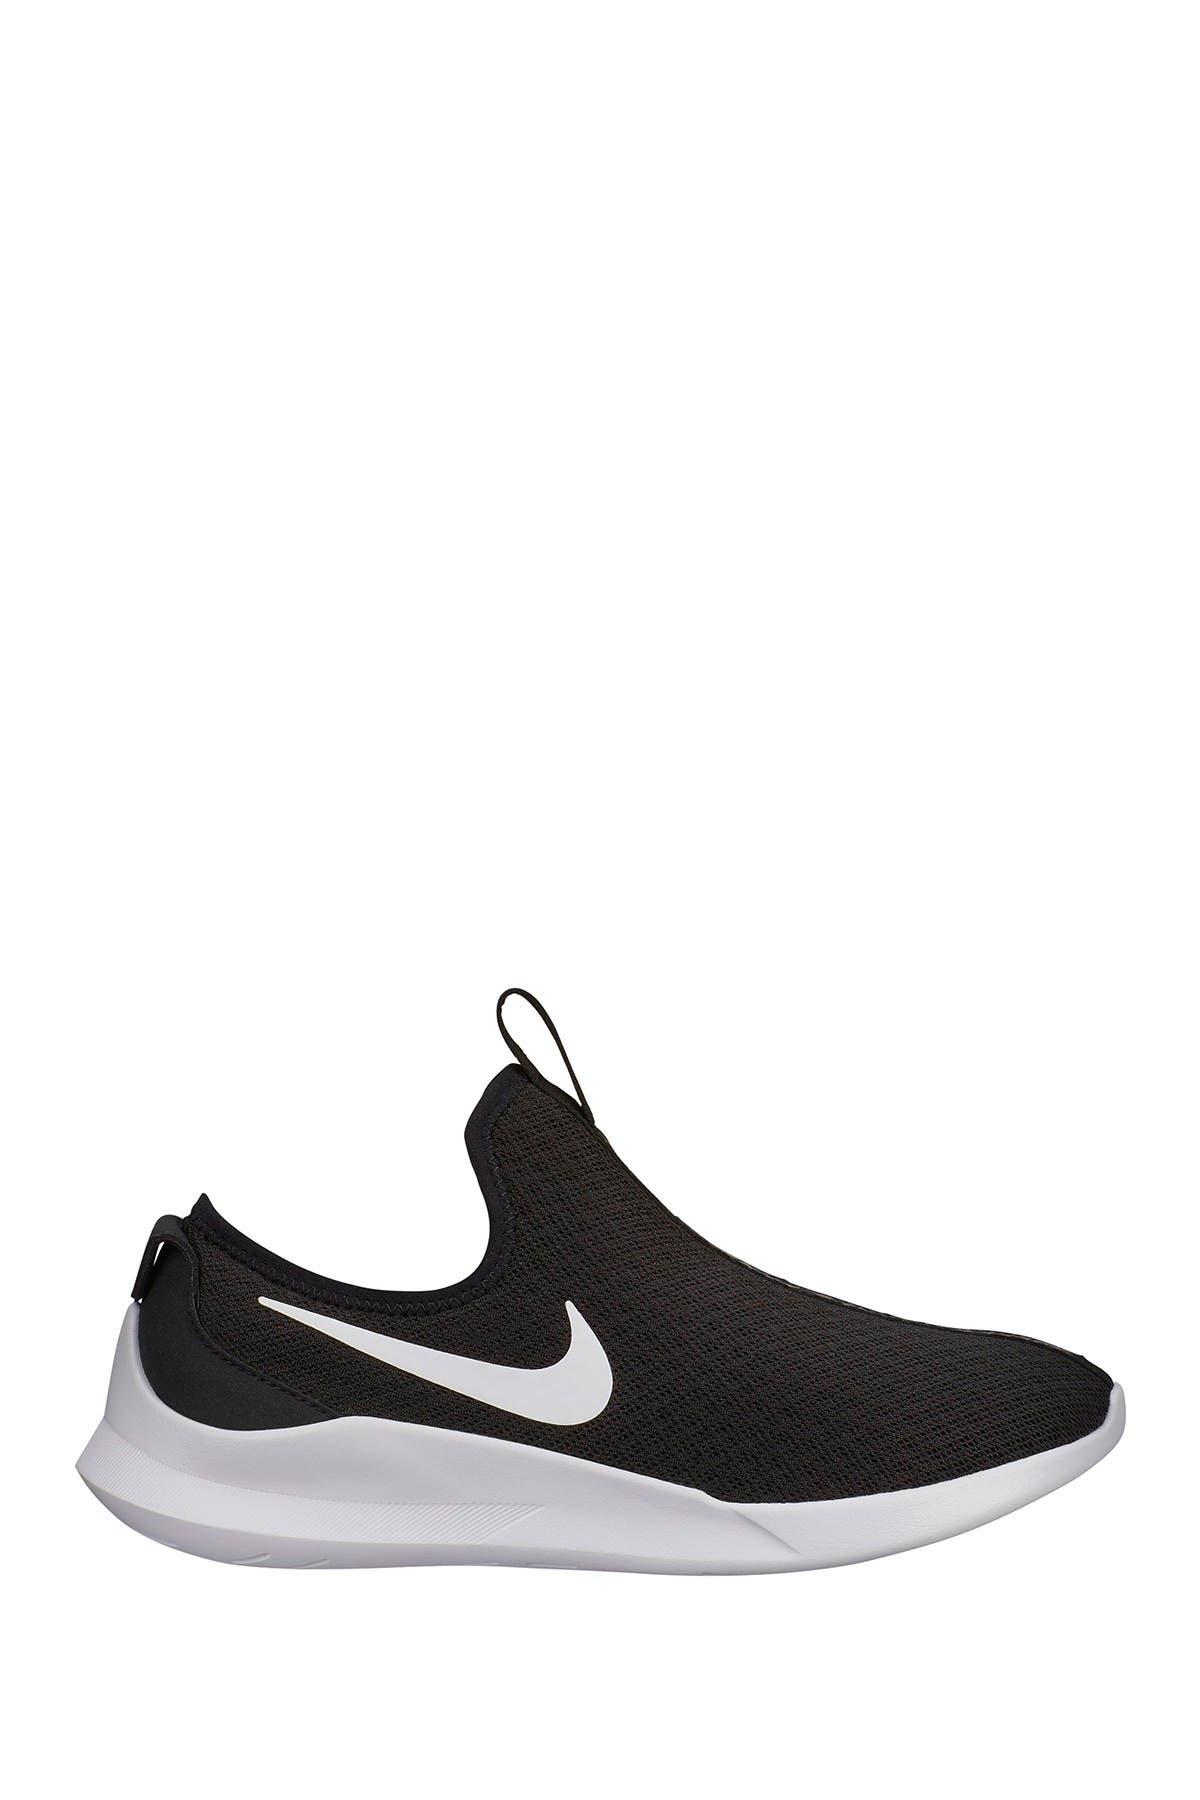 Image of Nike Viale Slip-On Sneaker